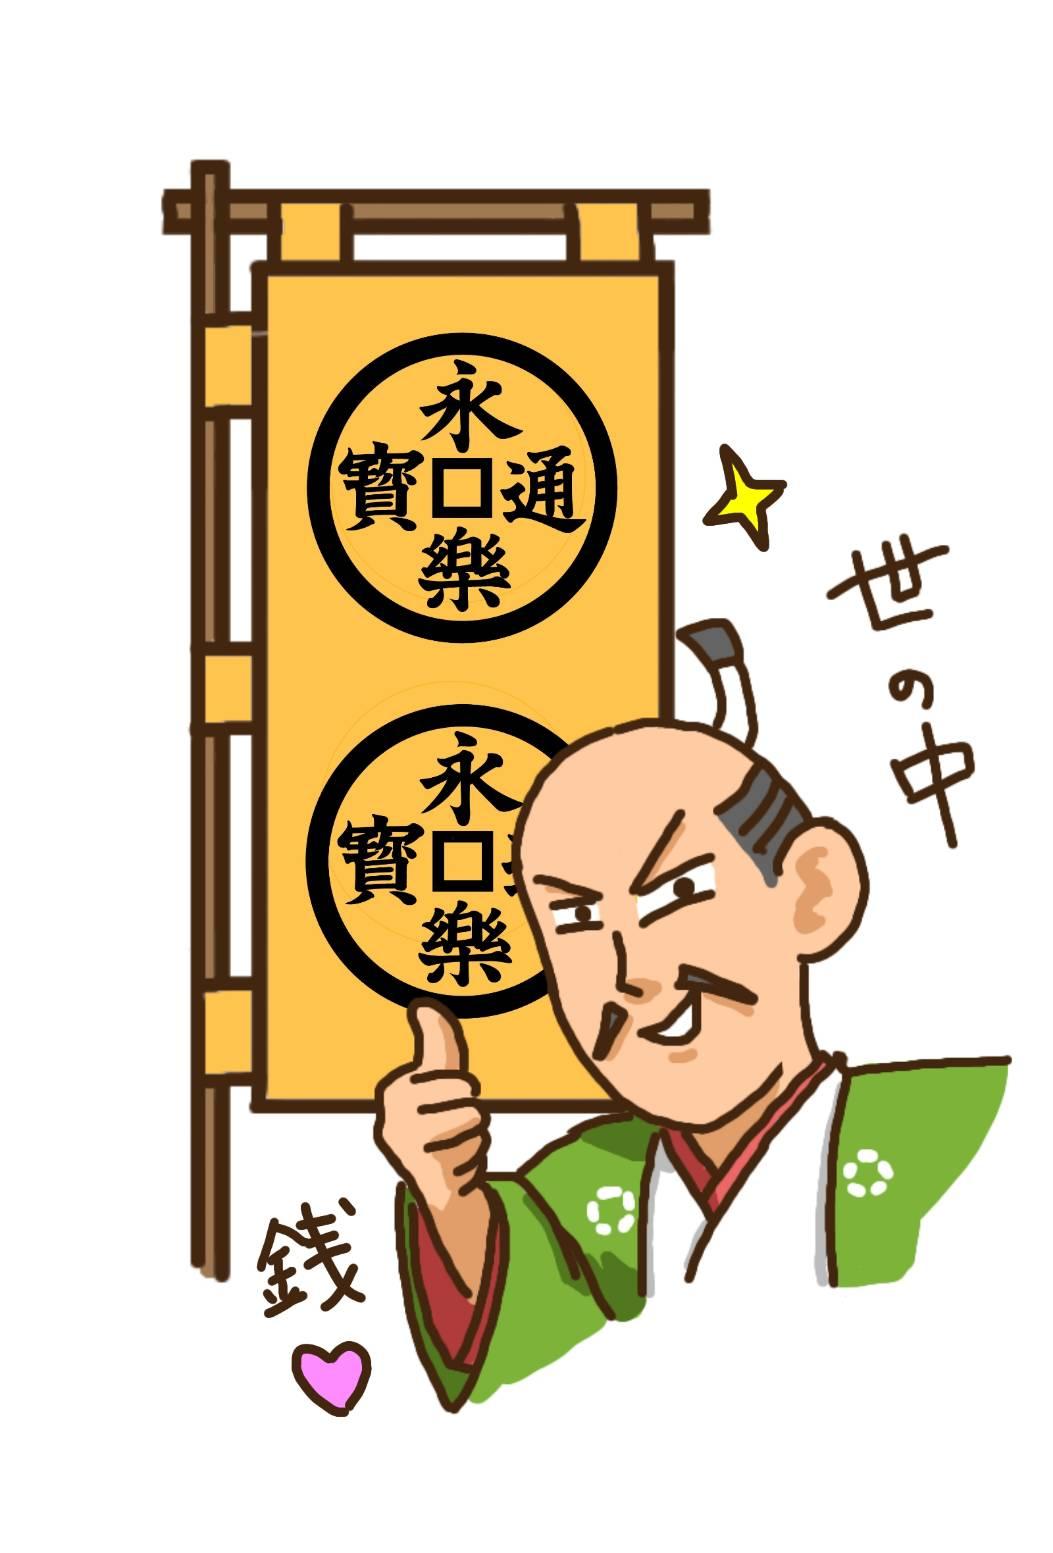 真田幸村の六文銭の意味は?旗を見ればモットーが分かる!【歴史教養クイズ】の画像25